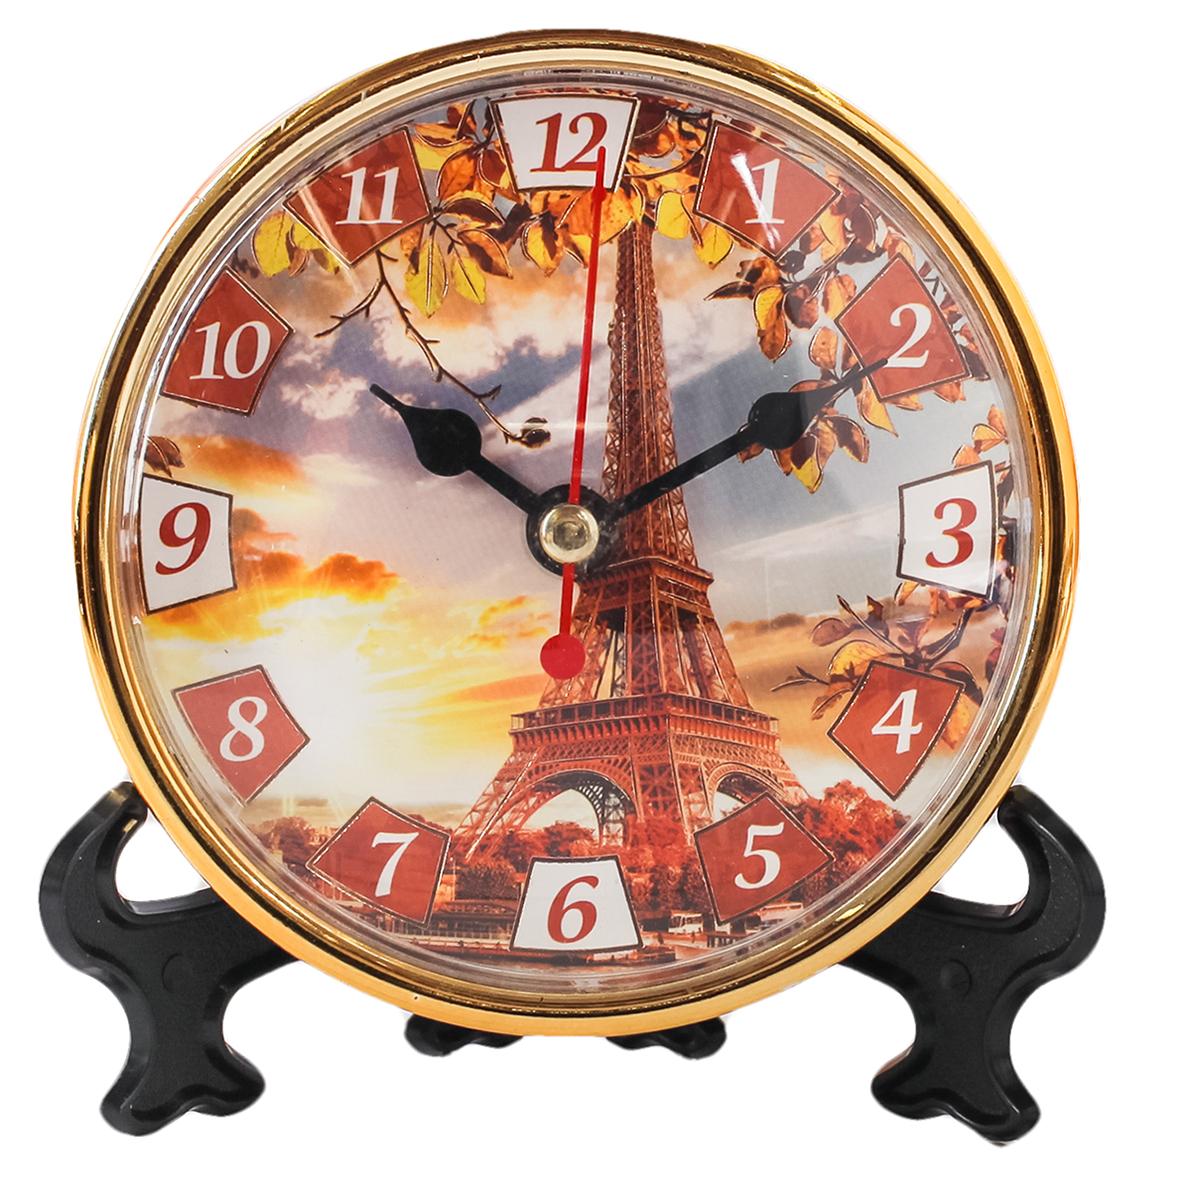 Часы настольные Осень, 10 х 10 см. 21865792186579Каждому хозяину периодически приходит мысль обновить свою квартиру, сделать ремонт, перестановку или кардинально поменять внешний вид каждой комнаты. Часы настольные Осень — привлекательная деталь, которая поможет воплотить вашу интерьерную идею, создать неповторимую атмосферу в вашем доме. Окружите себя приятными мелочами, пусть они радуют глаз и дарят гармонию.